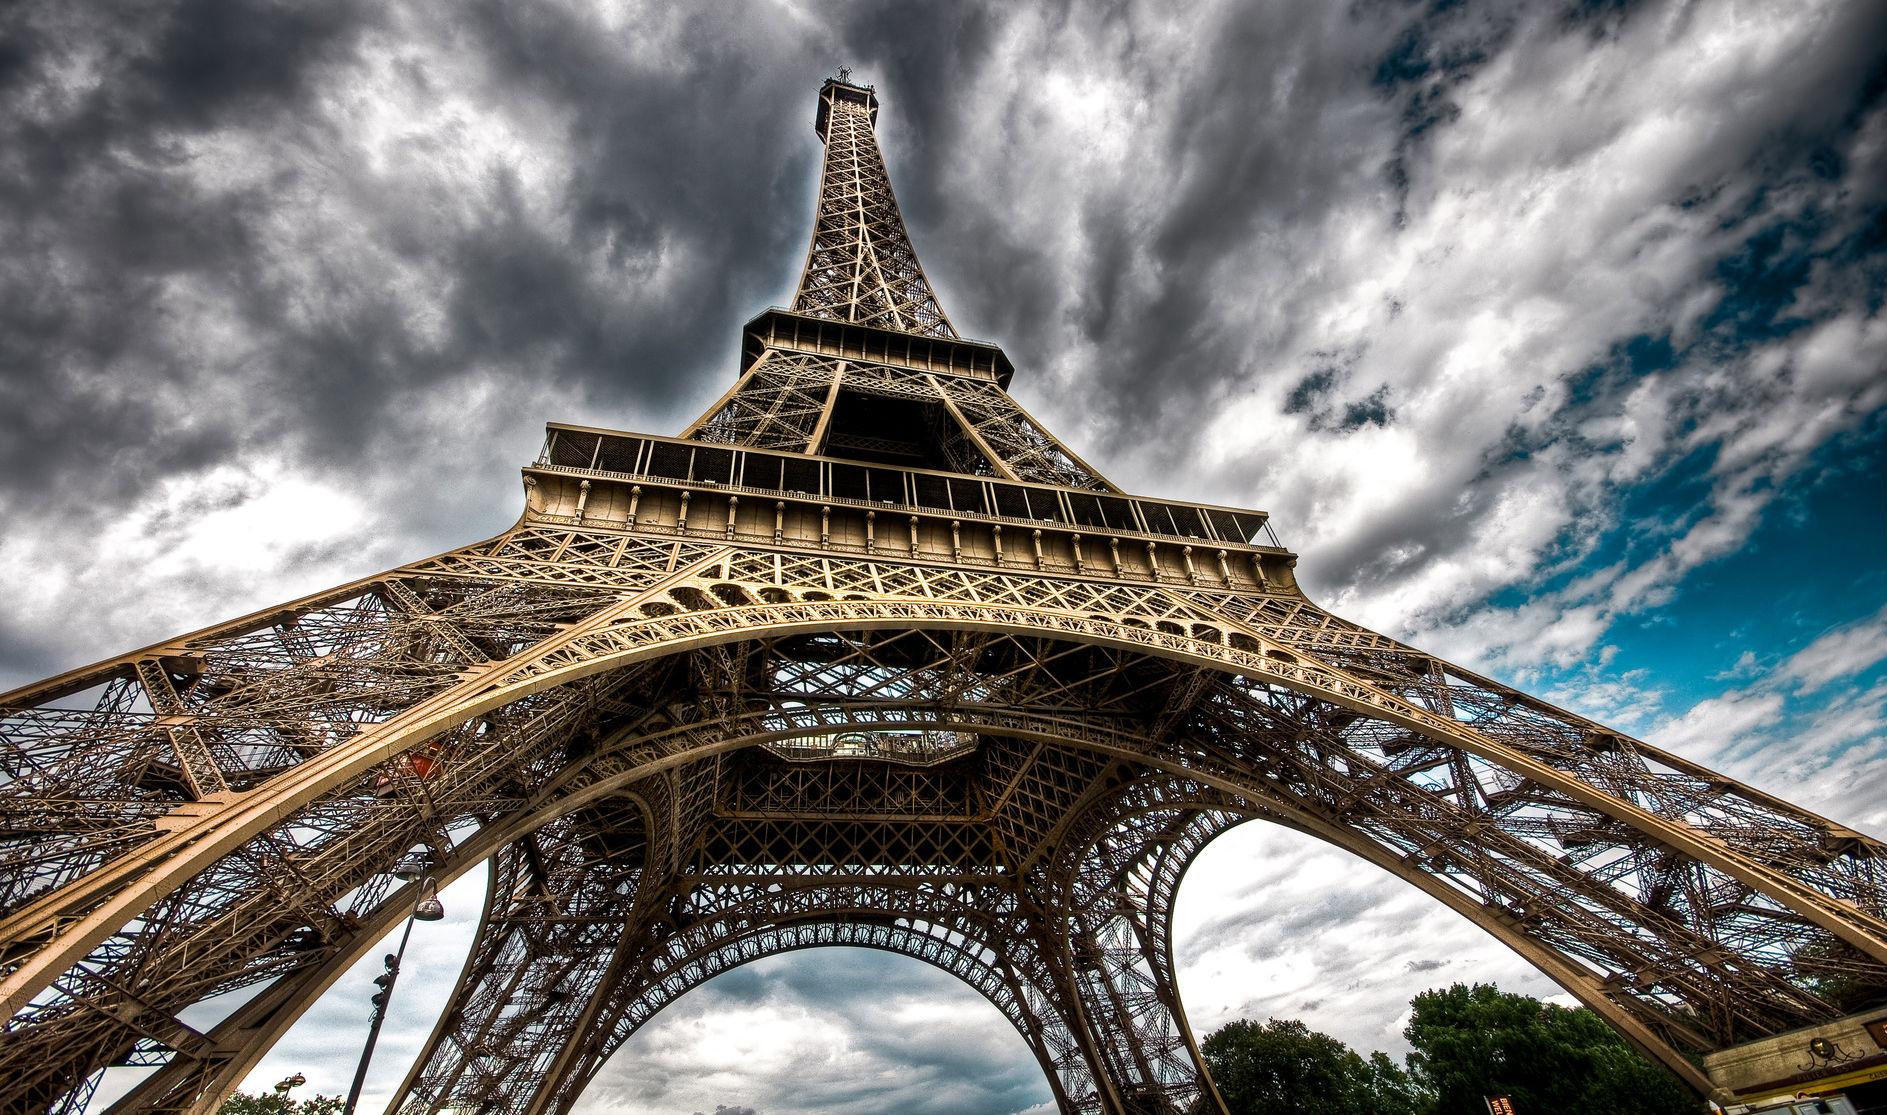 Hd wallpaper editor - Man Made Eiffel Tower Wallpaper